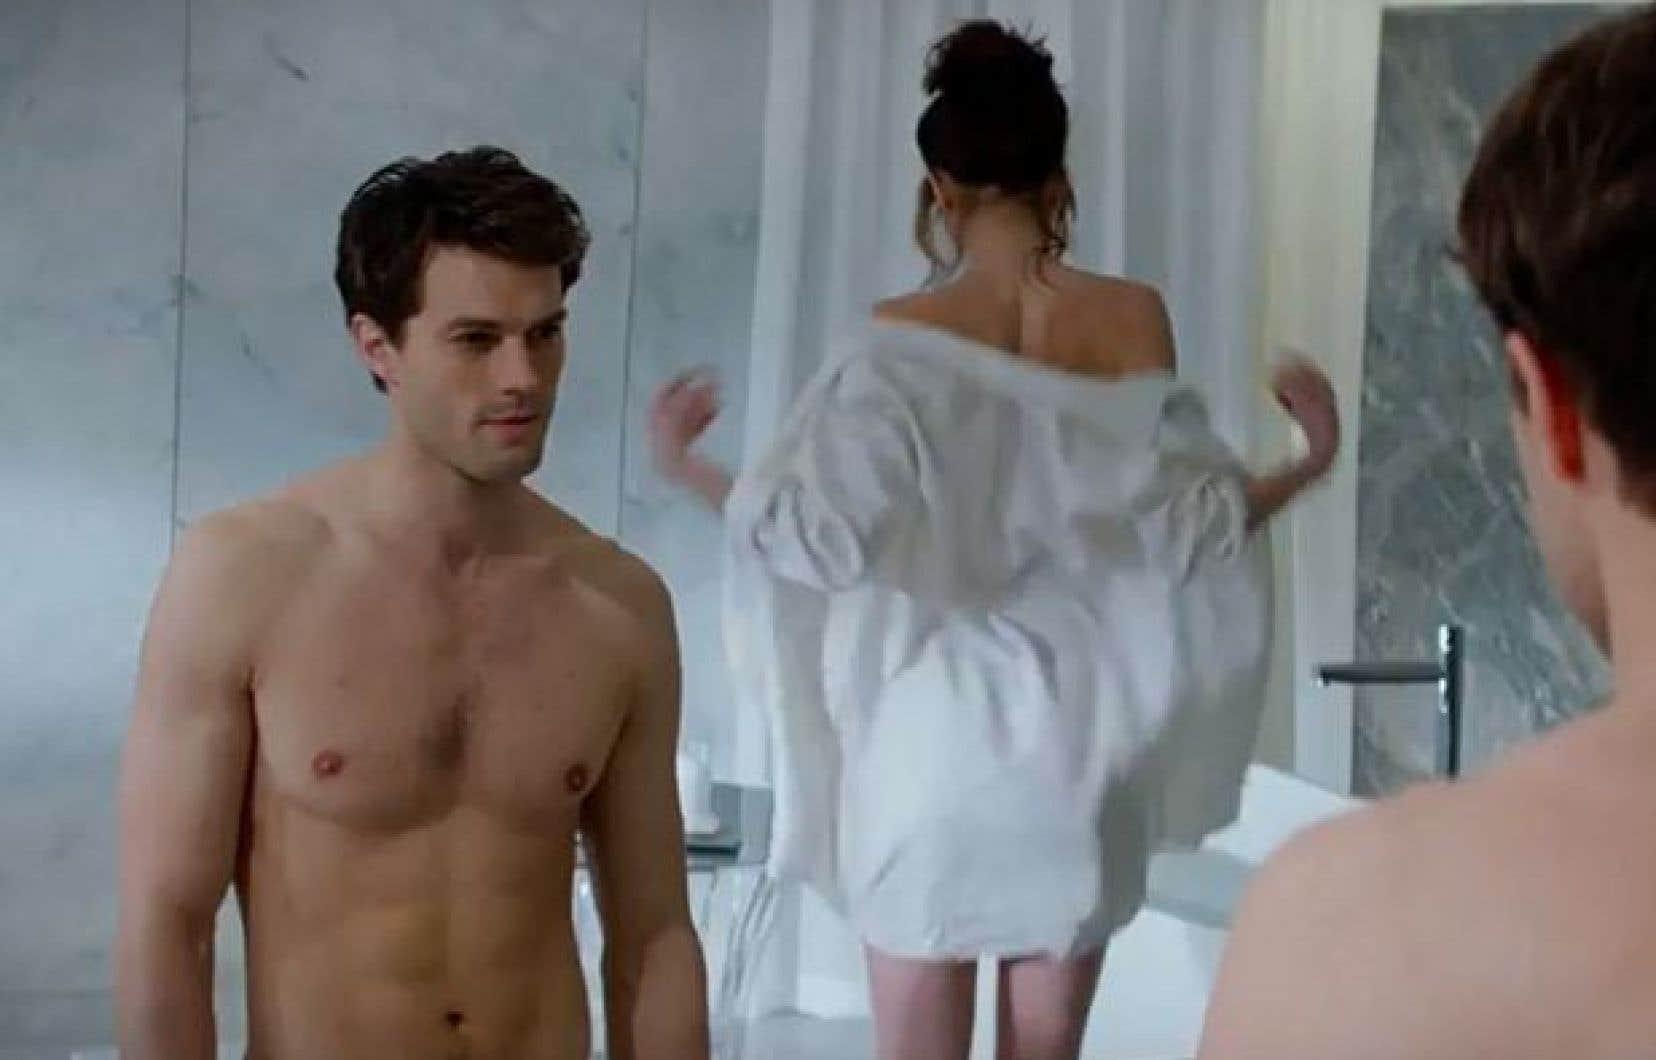 Intimité sur pellicule. Scène tirée du film Fifty Shades of Grey.